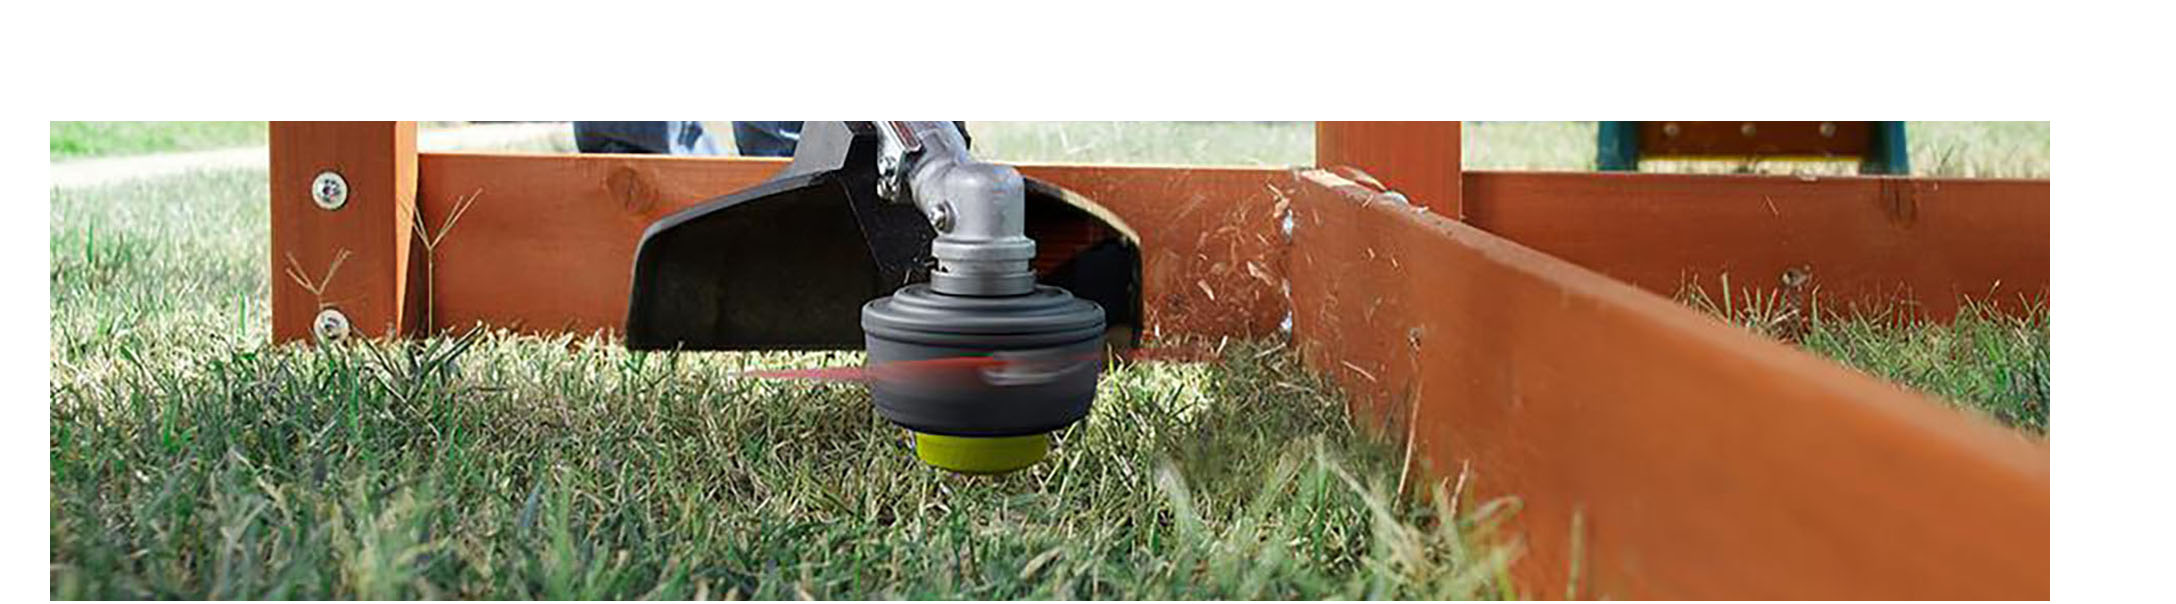 Craftsman Garden Tractor Repair Manuals gemssenmowa t